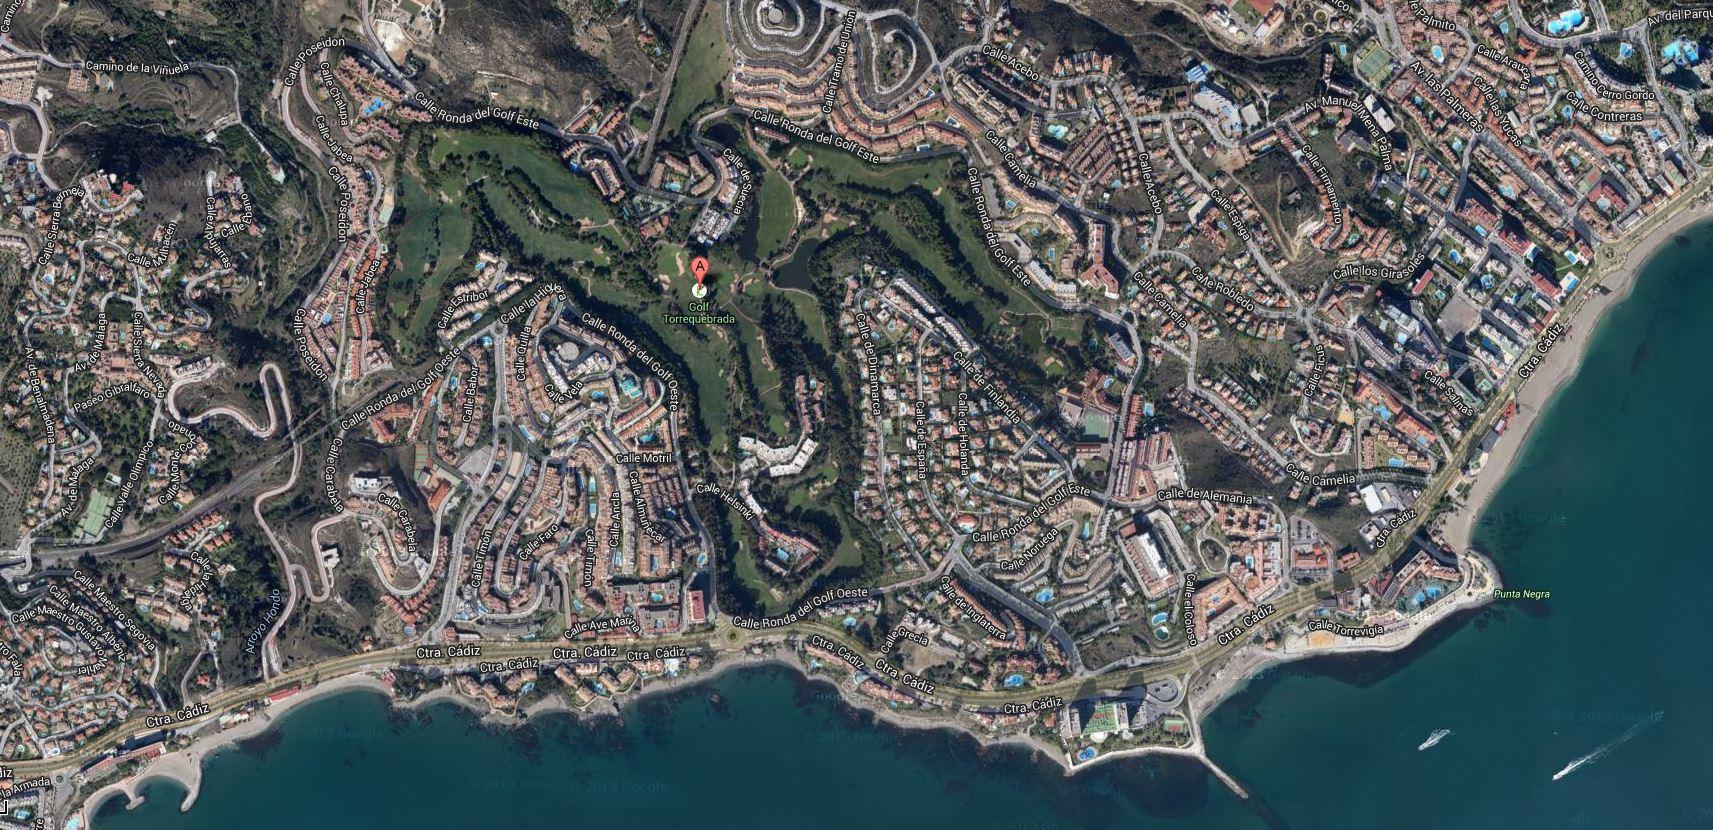 Campo de golfe de Torrequebrada, Costa del Sol Altíssimo padrão com vista para o Mediterrâneo Imagem google Clique para ler reportagem